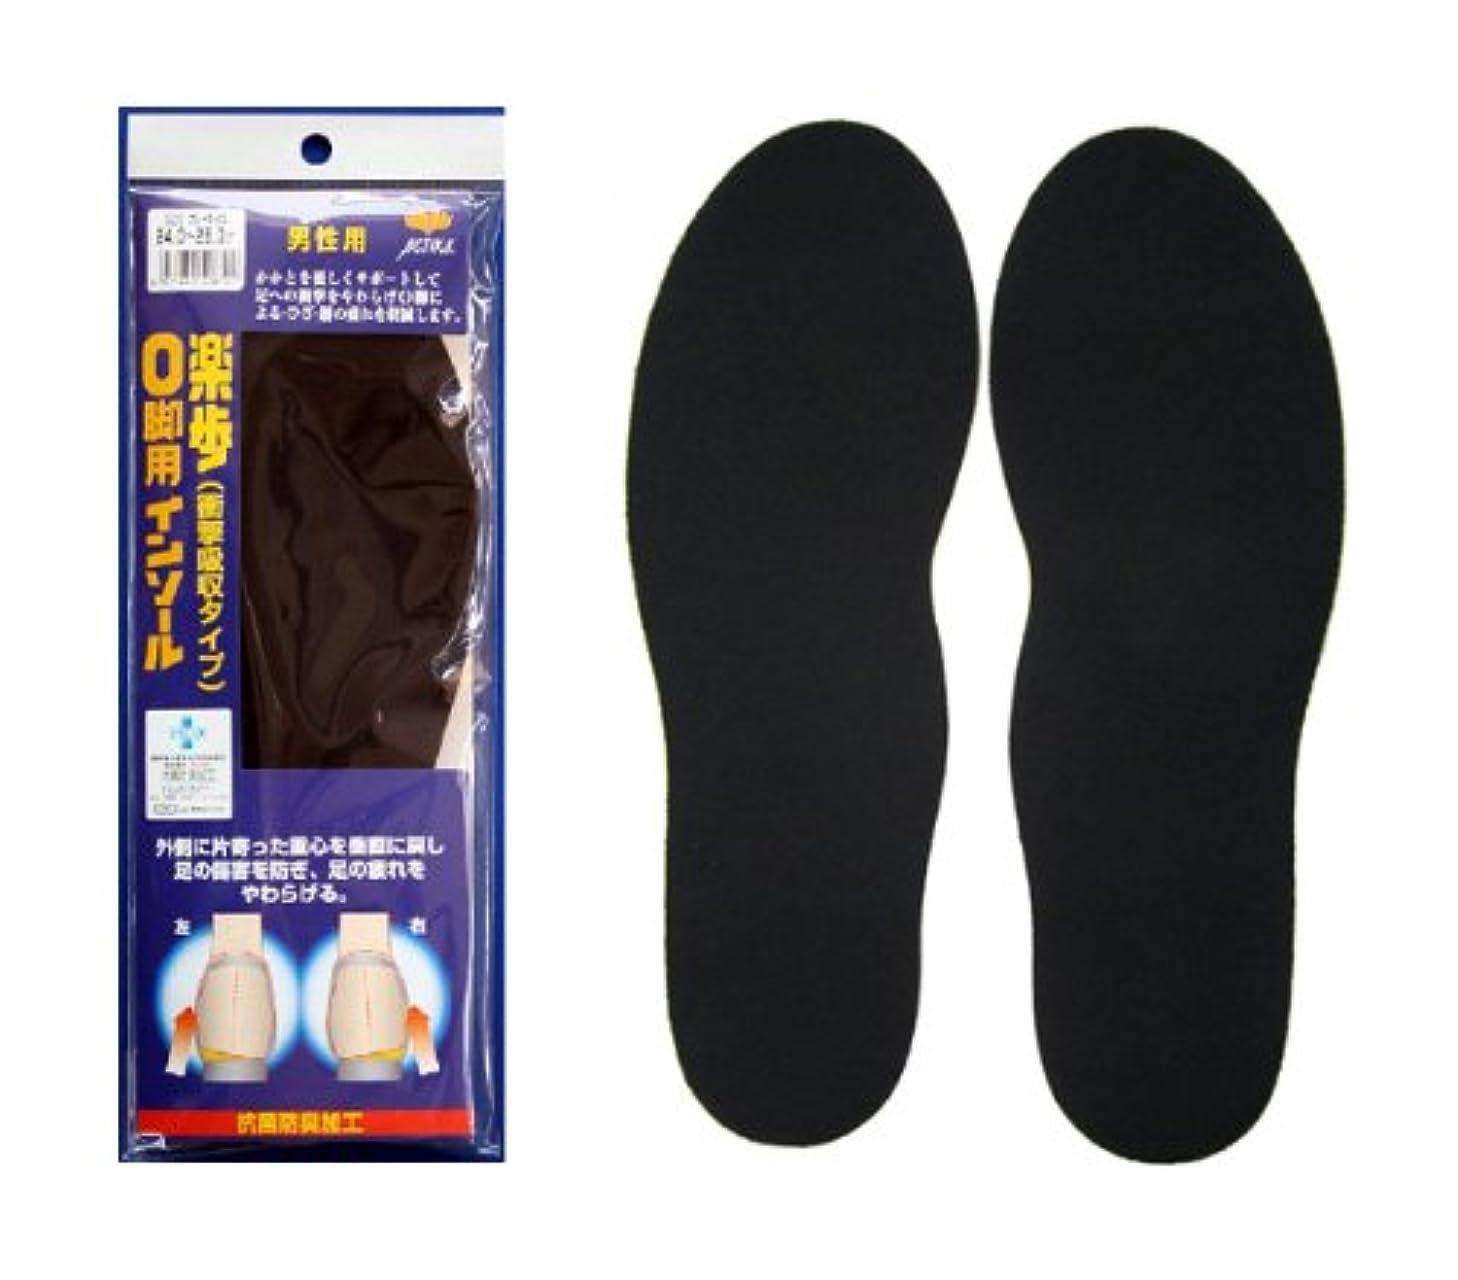 紛争教師の日科学者楽歩 O脚用インソール 男性用(24.0~28.0cm) 2足セット  No.162